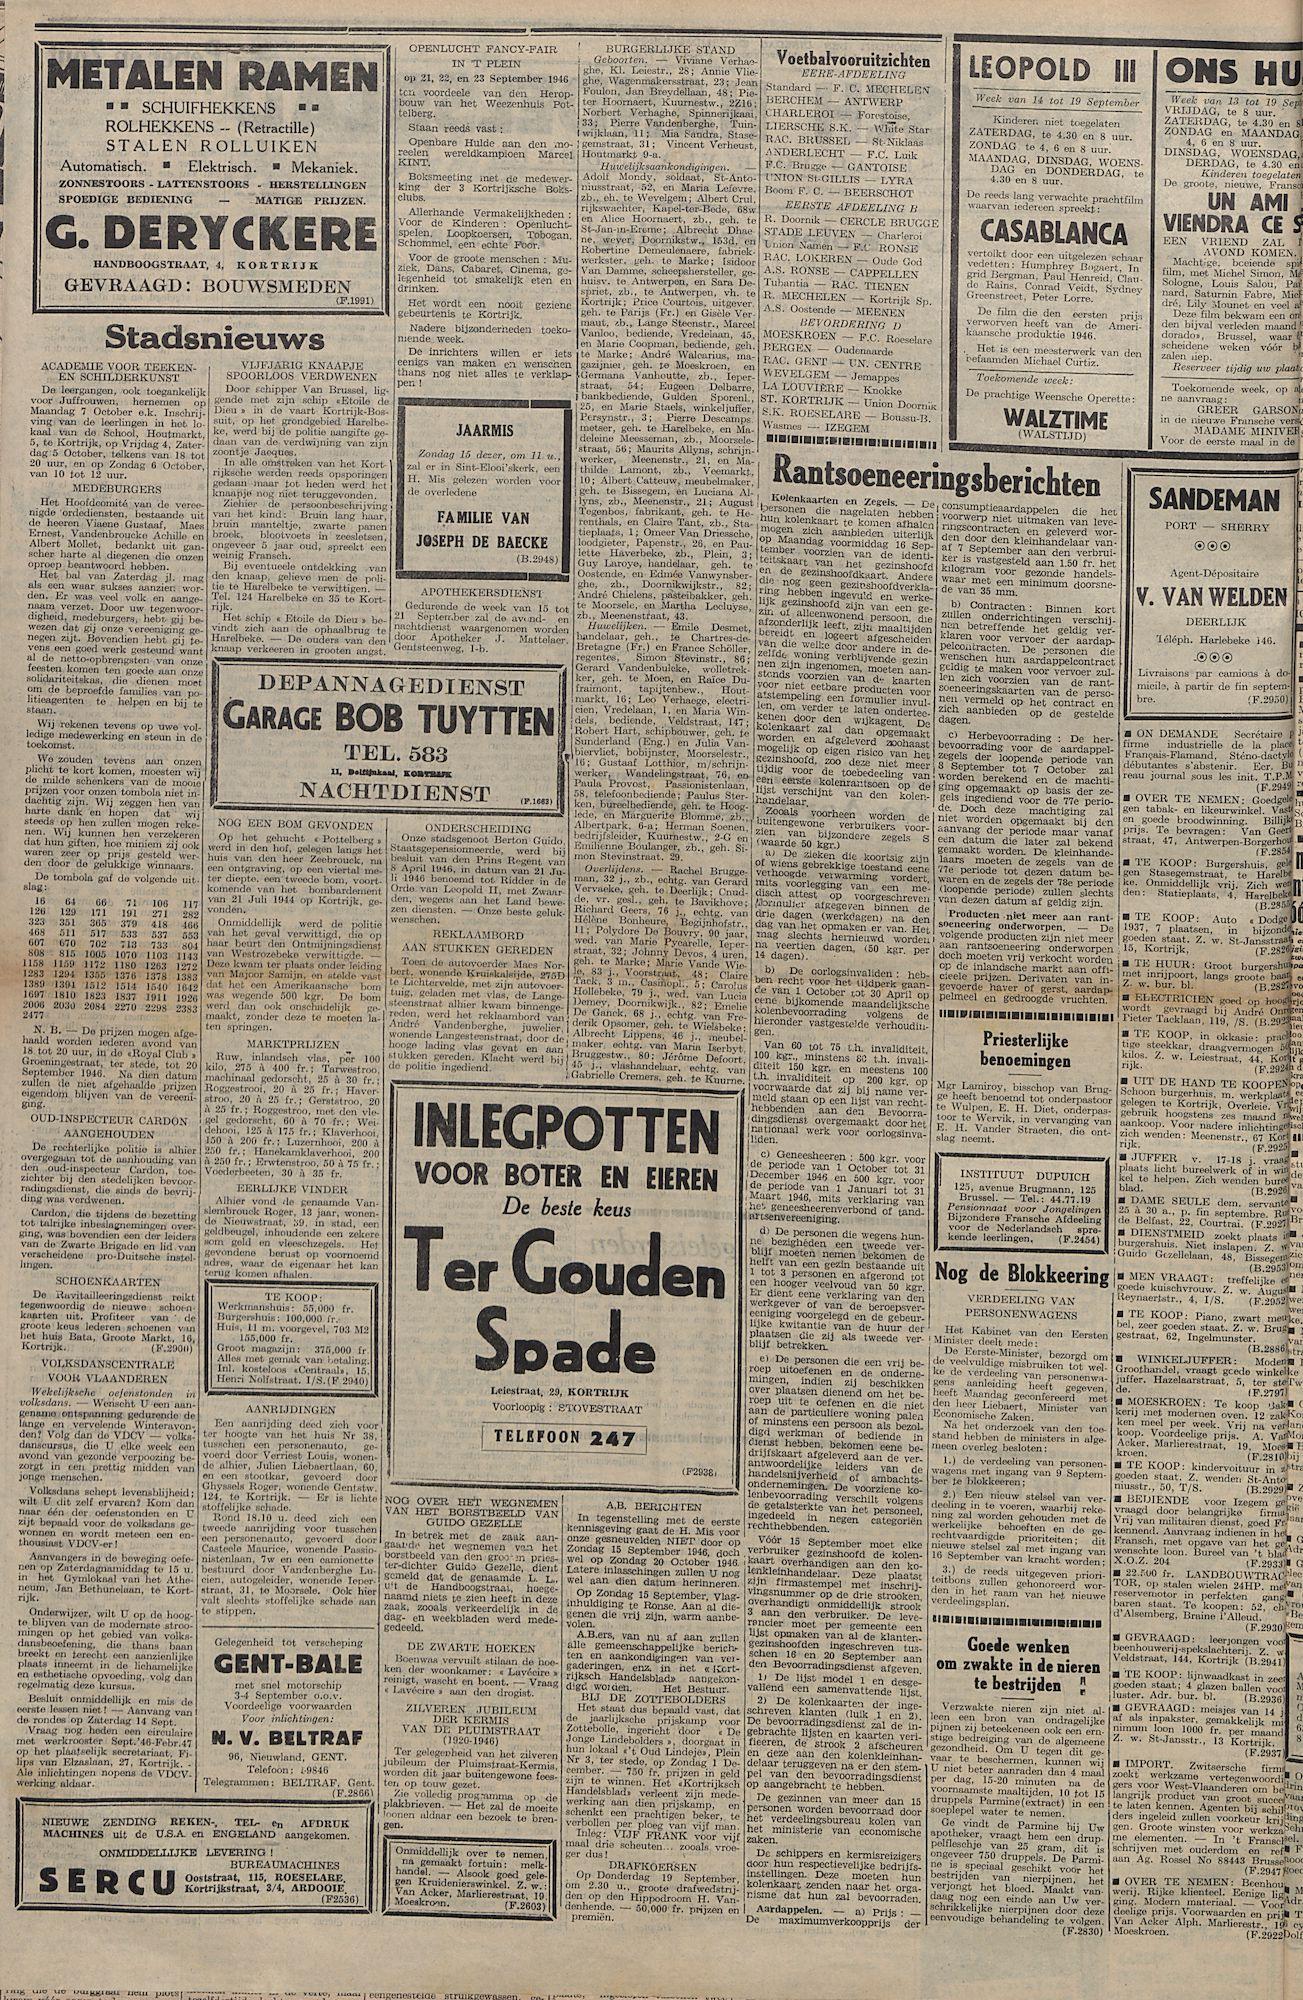 Kortrijksch Handelsblad 13 september 1946 Nr74 p2